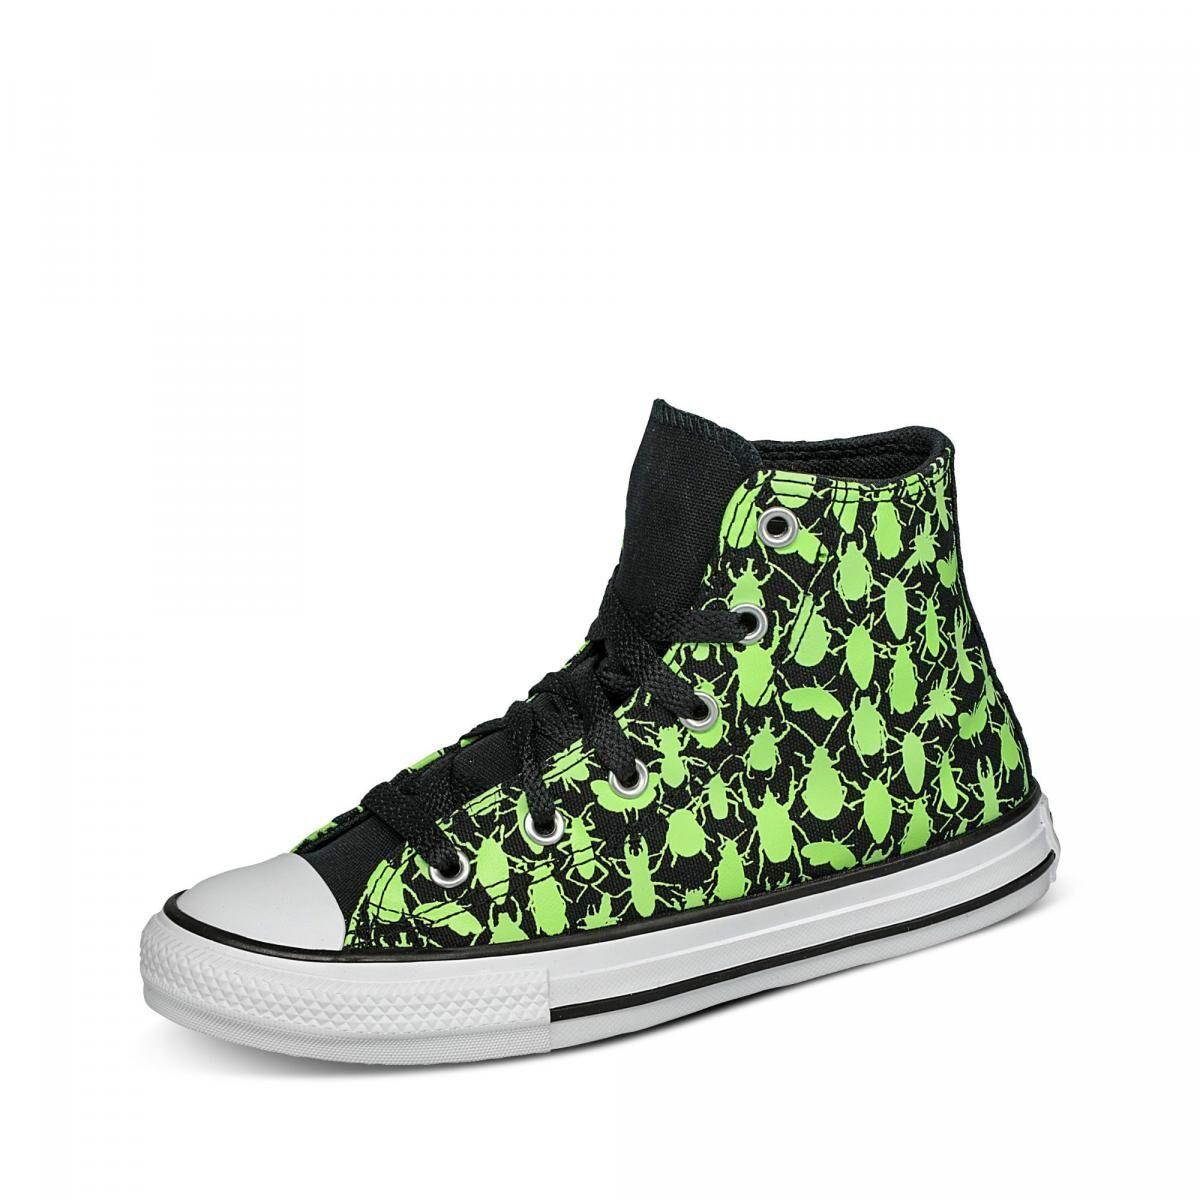 Converse CTAS Sneaker - Kinder - BLACK/CERAMIC GREEN/WHITE in Größe 35 jetzt im Angebot